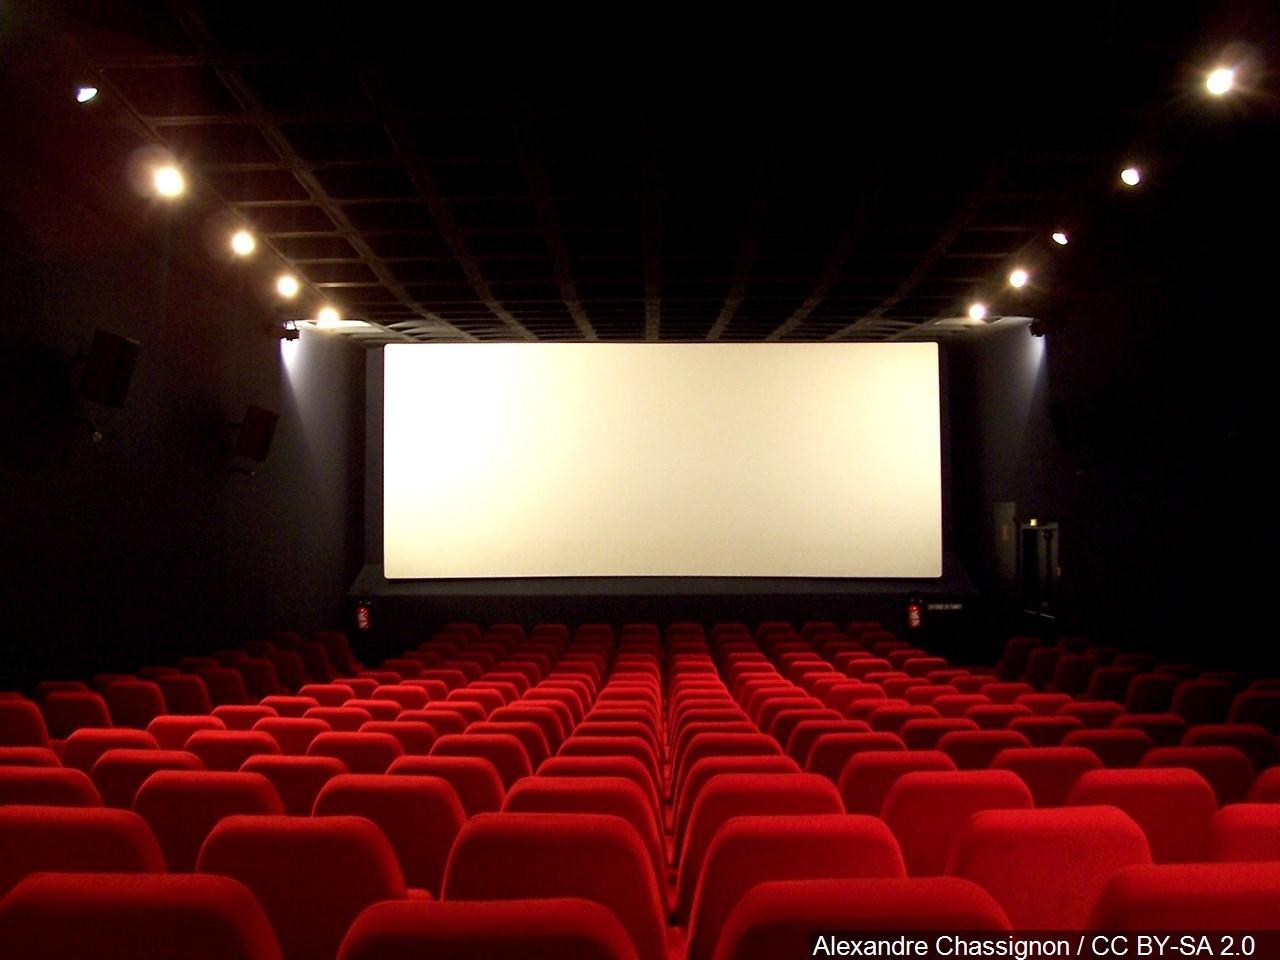 El fundador de Netflix quiere que vayas al cine por menos de 10 euros al mes